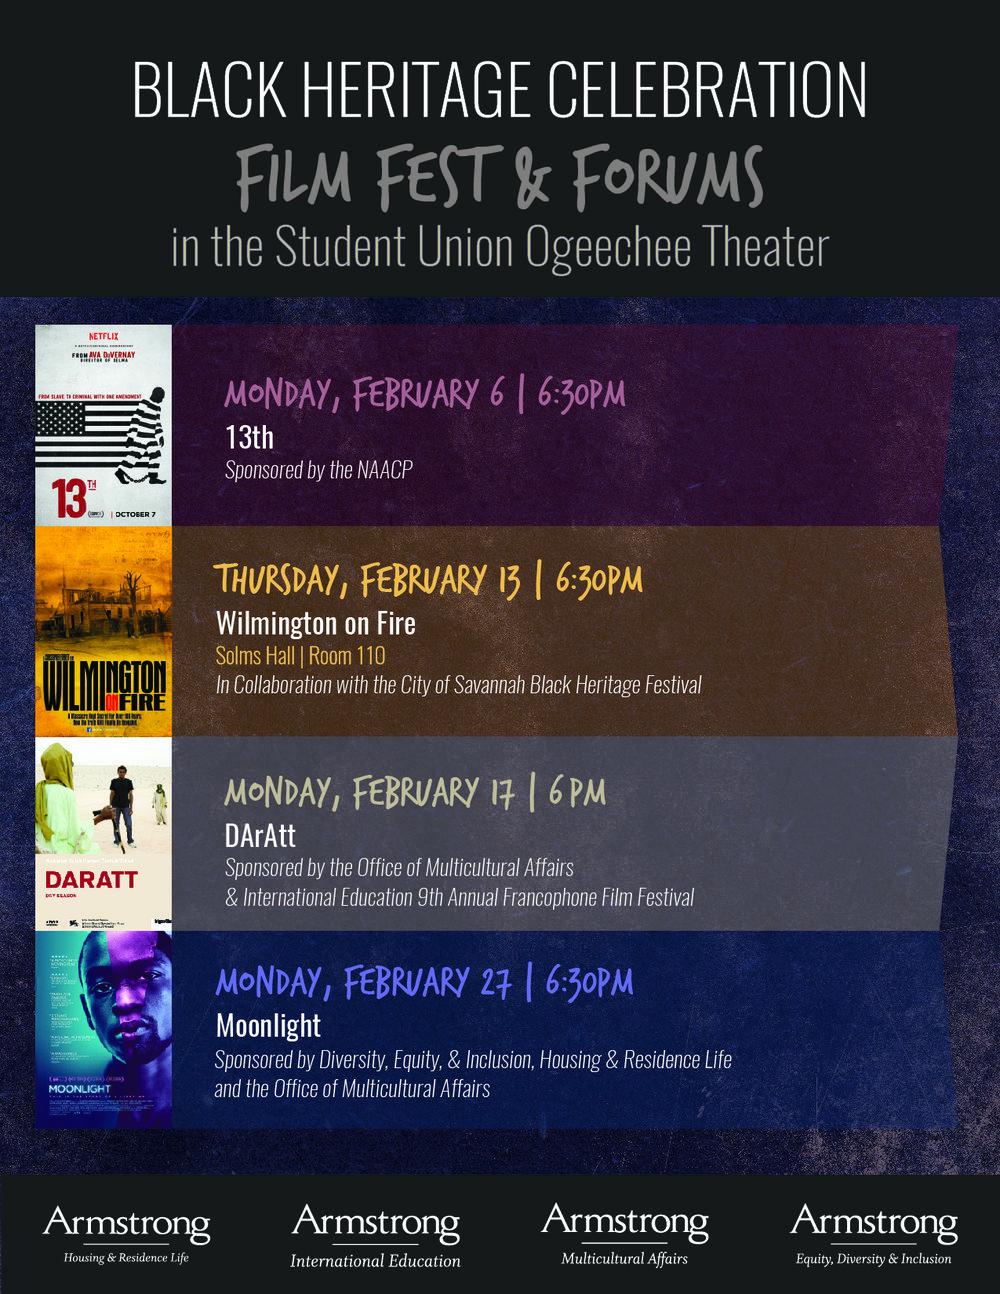 Film_Fest-01.jpg